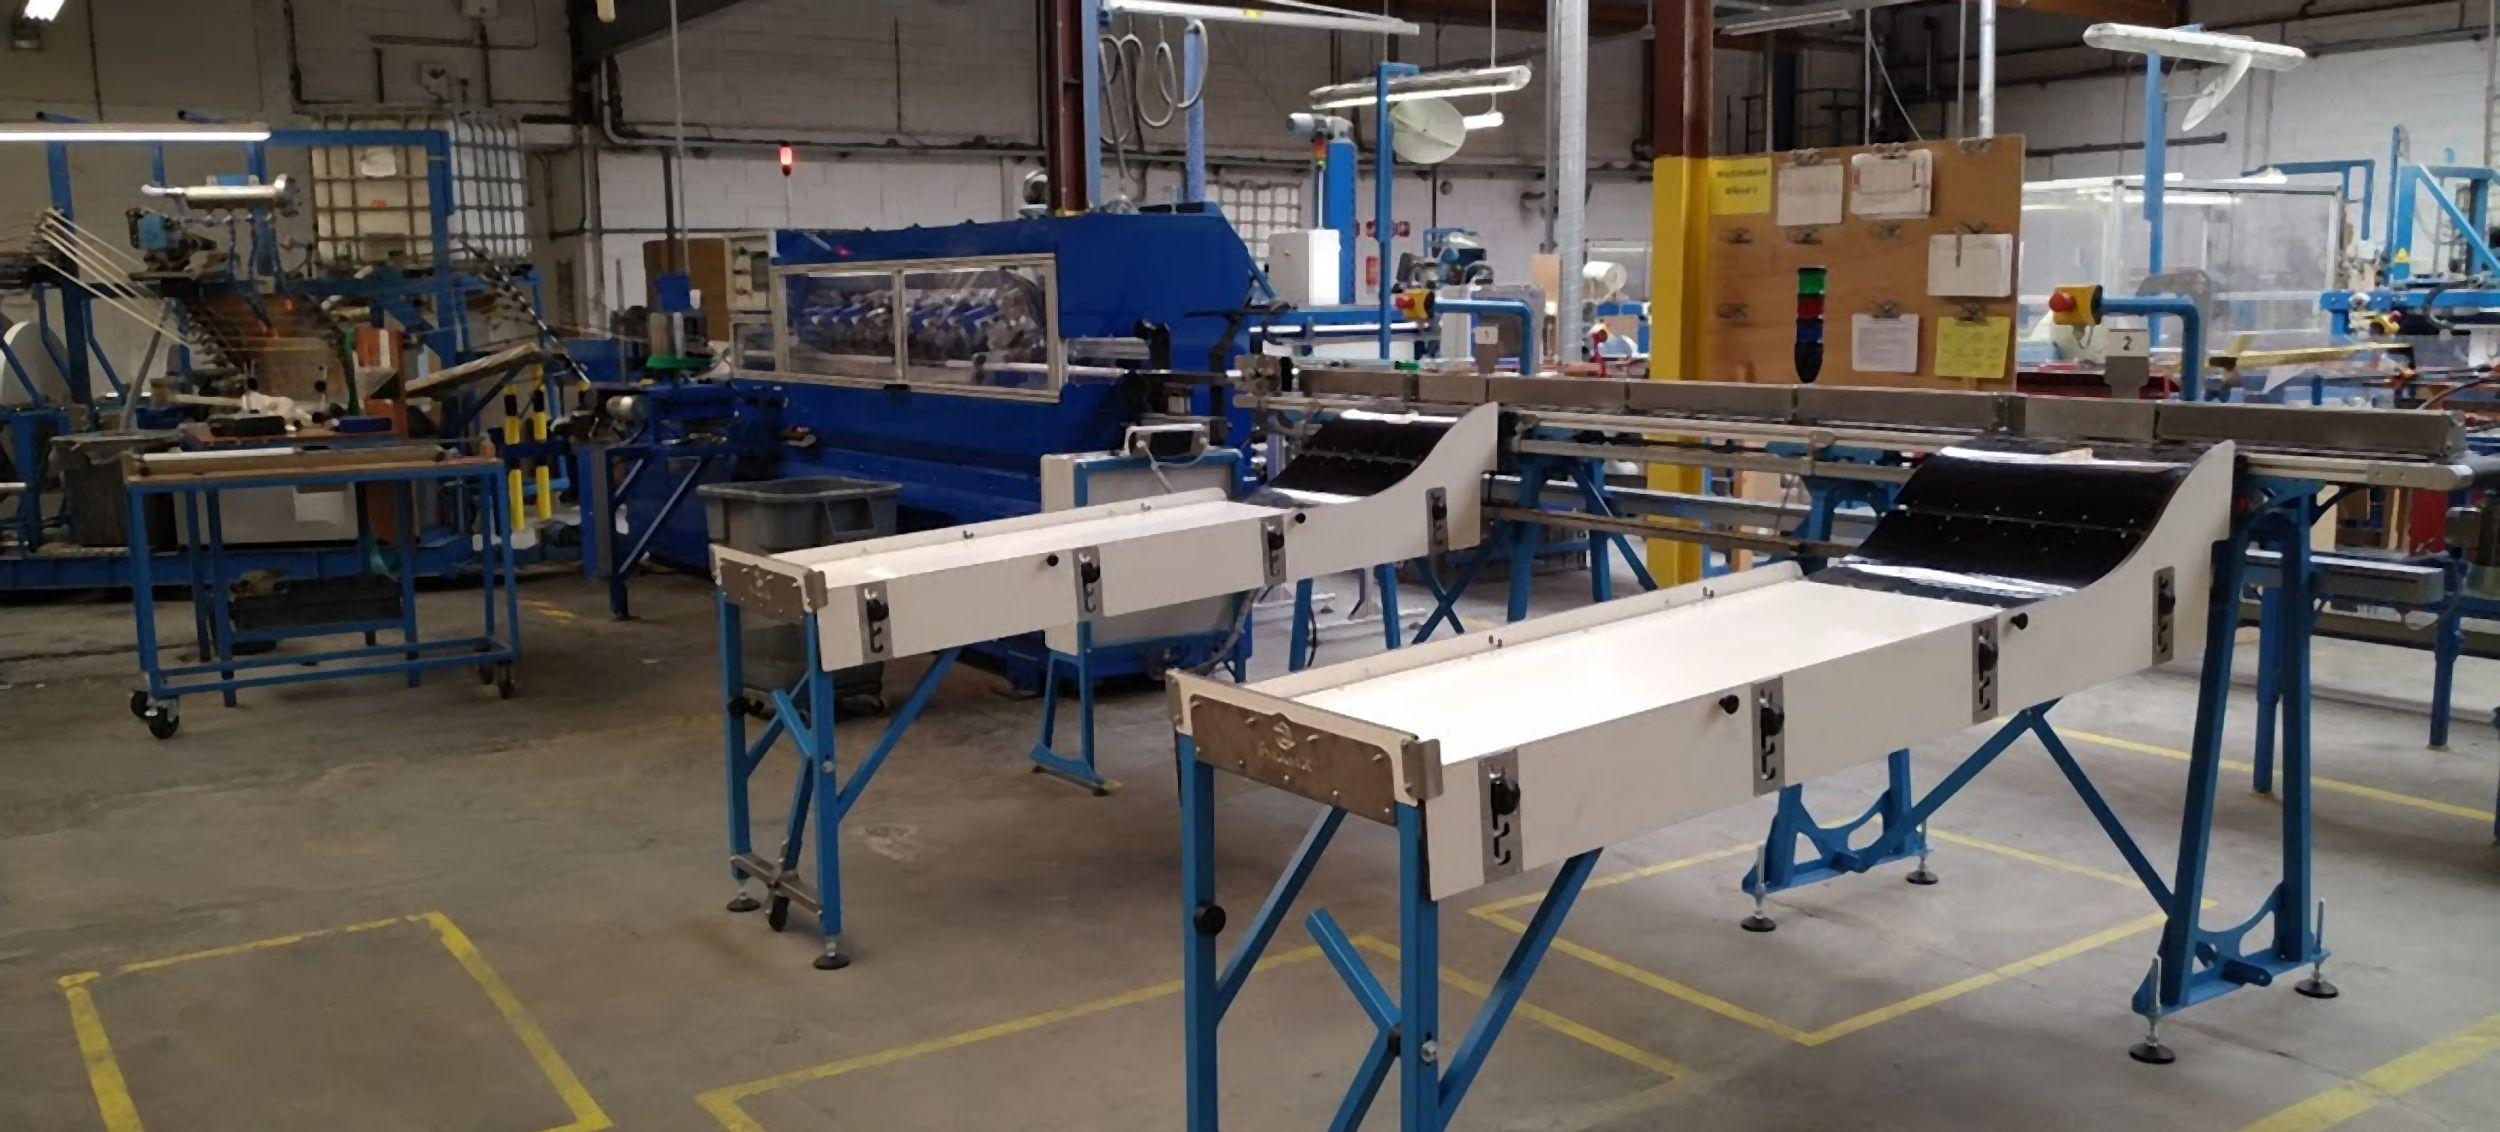 05-banner-machinebouw